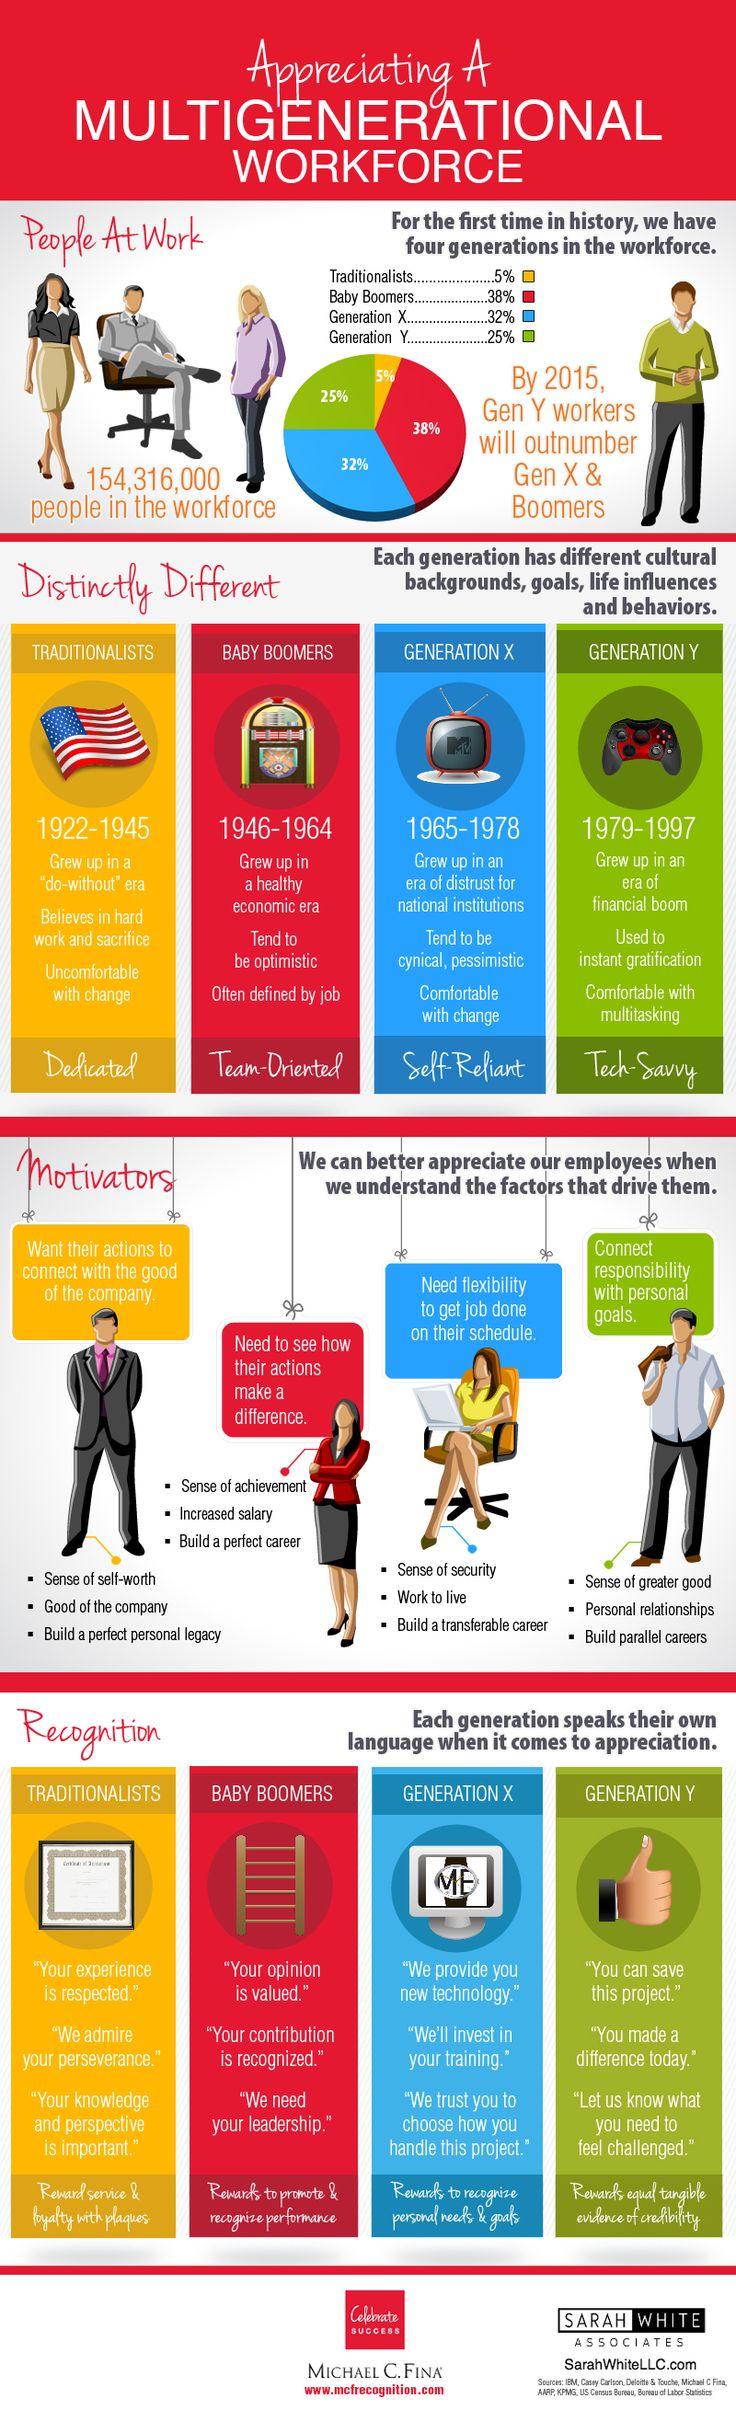 ResumeDesignCo.com | @resumedesignco | Appreciating A Multigenerational Workforce